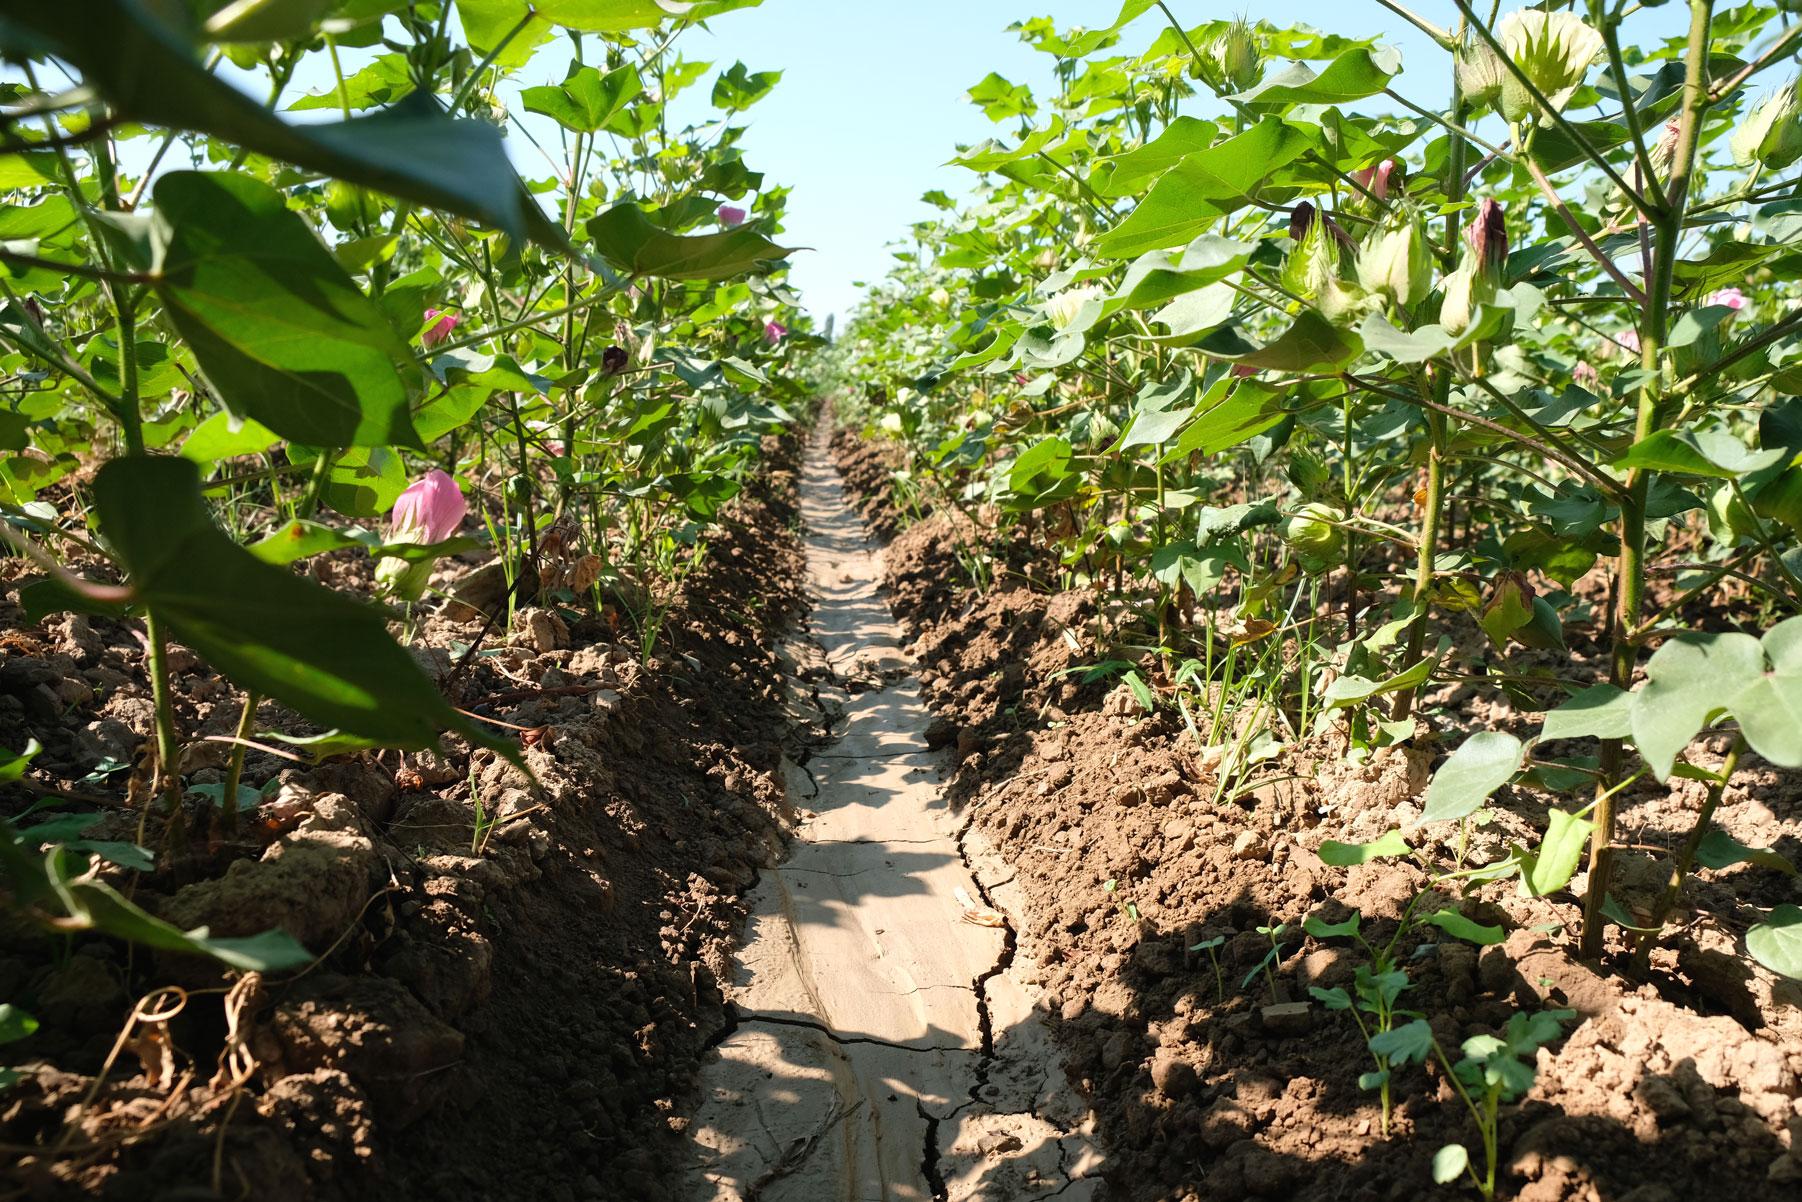 Da der Baumwollanbau sehr wasserintensiv ist, bedarf es einen ausgeklügelten Bewässerungskonzepts